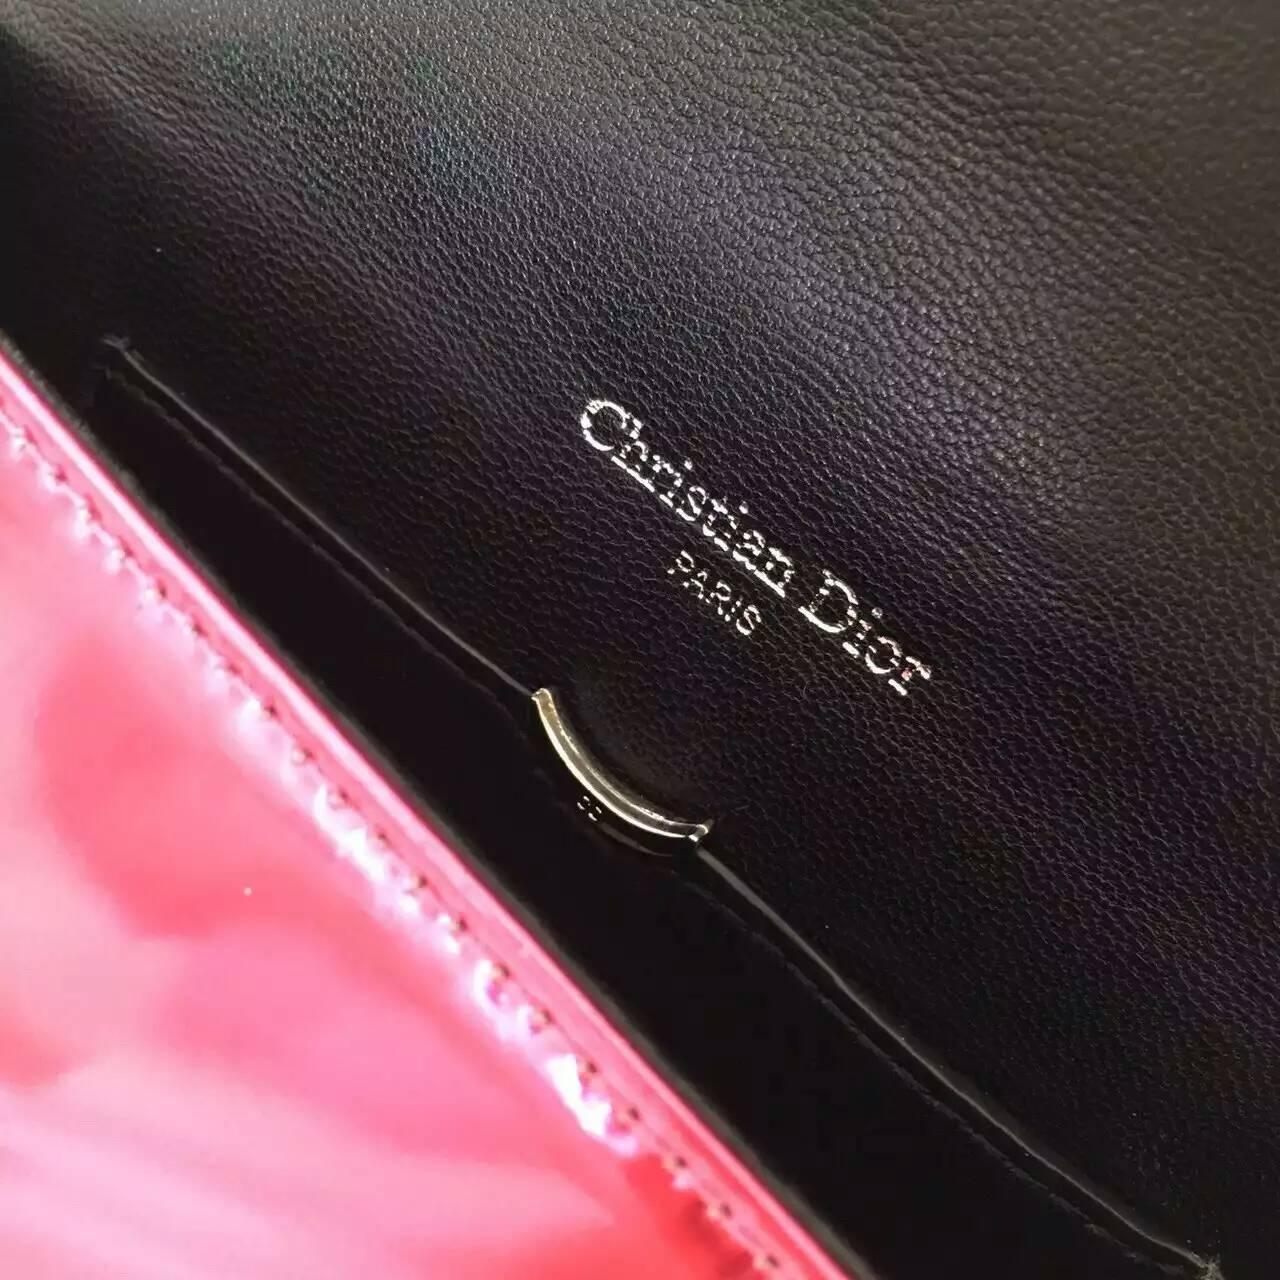 Dior包包尺寸 迪奥新款原版皮Diorama链条单肩女包18cm 玫红